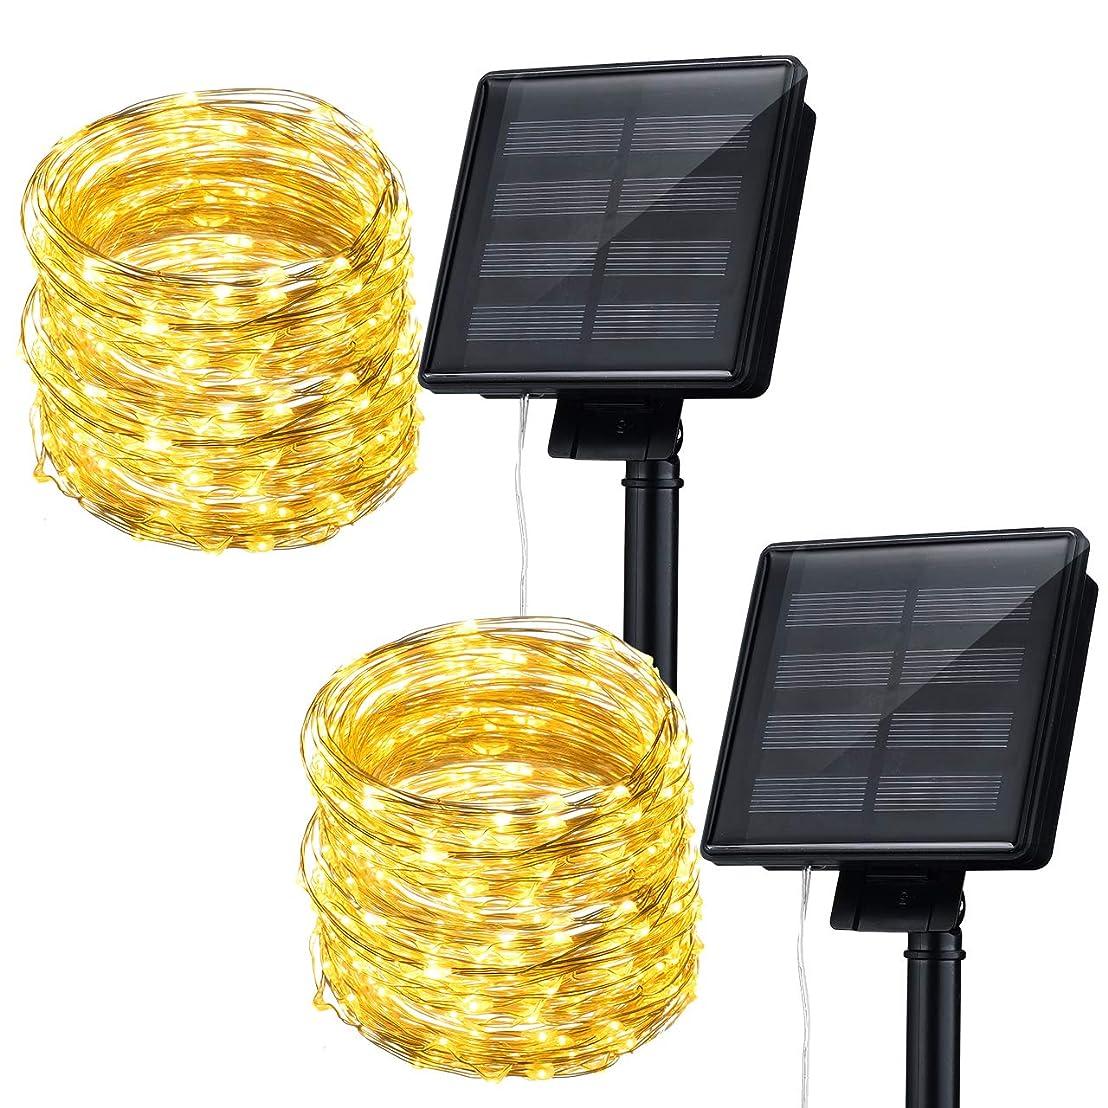 クライマックス筋肉のパブMpow ストリングライト ソーラー充電式 200led電球 20m 8点灯モード イルミネーションライト IP64防水 電飾 飾り パーティー アウトドア 結婚式対応 2個